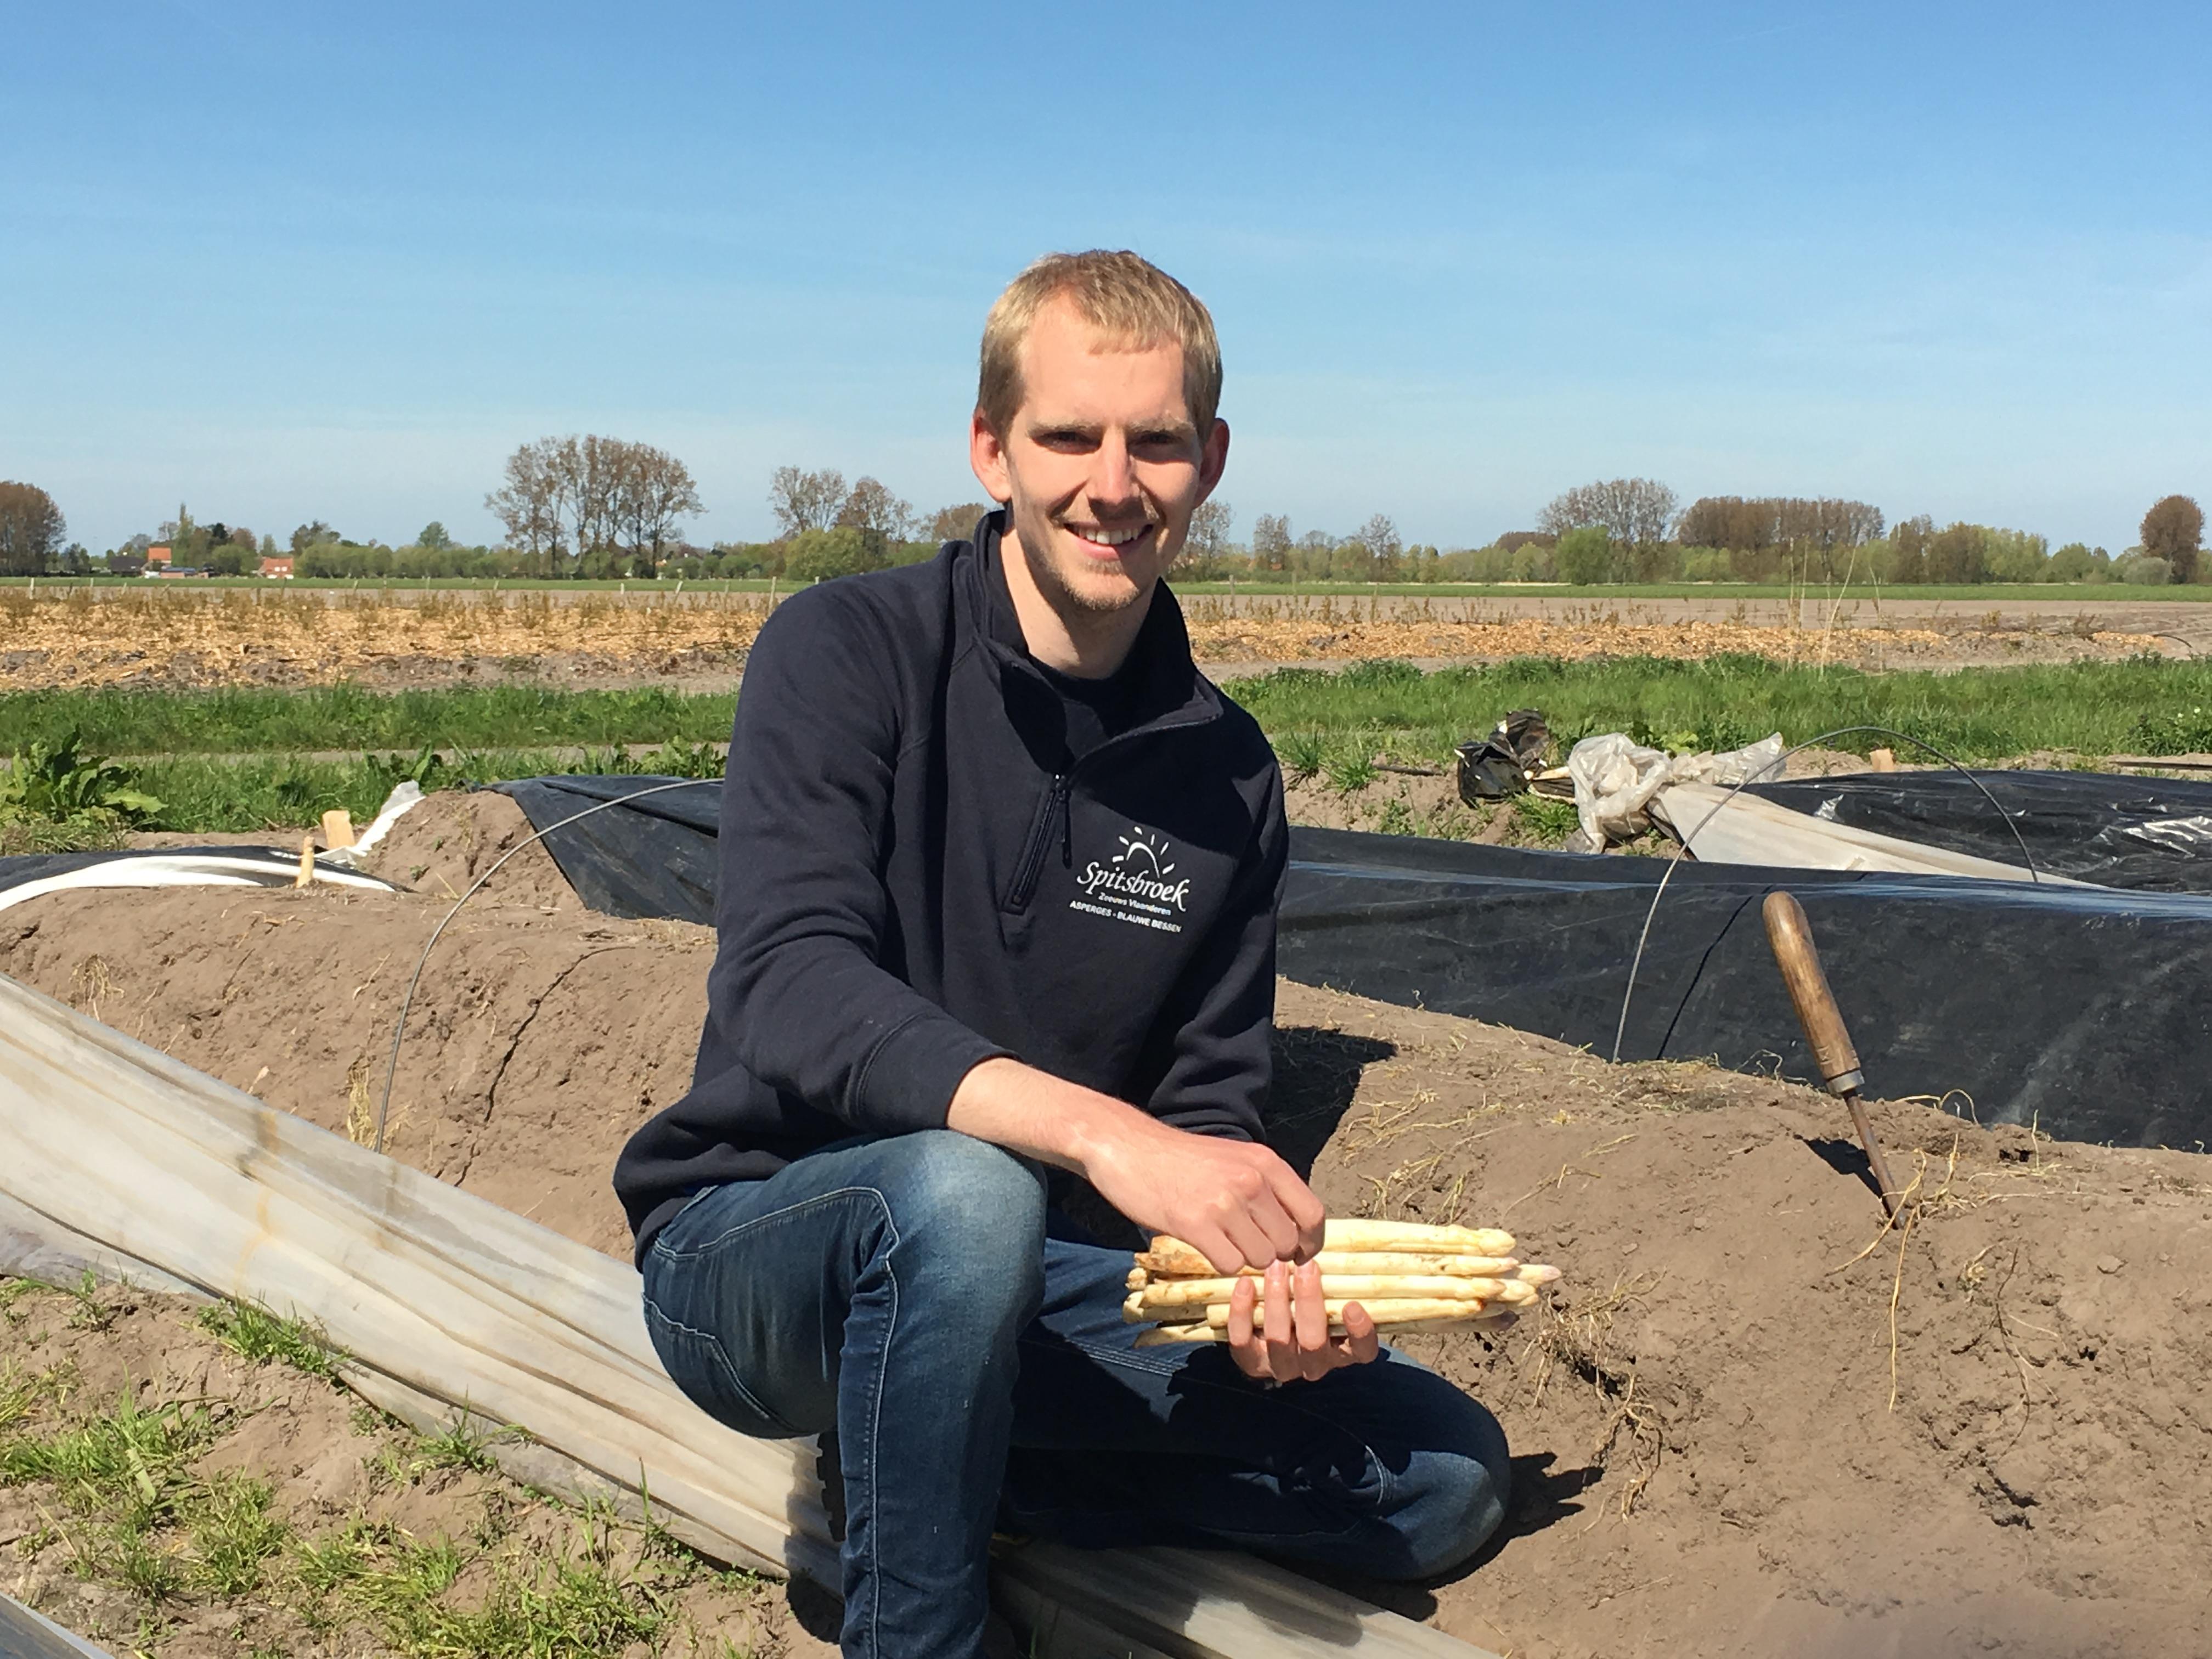 Bastiaan met asperges